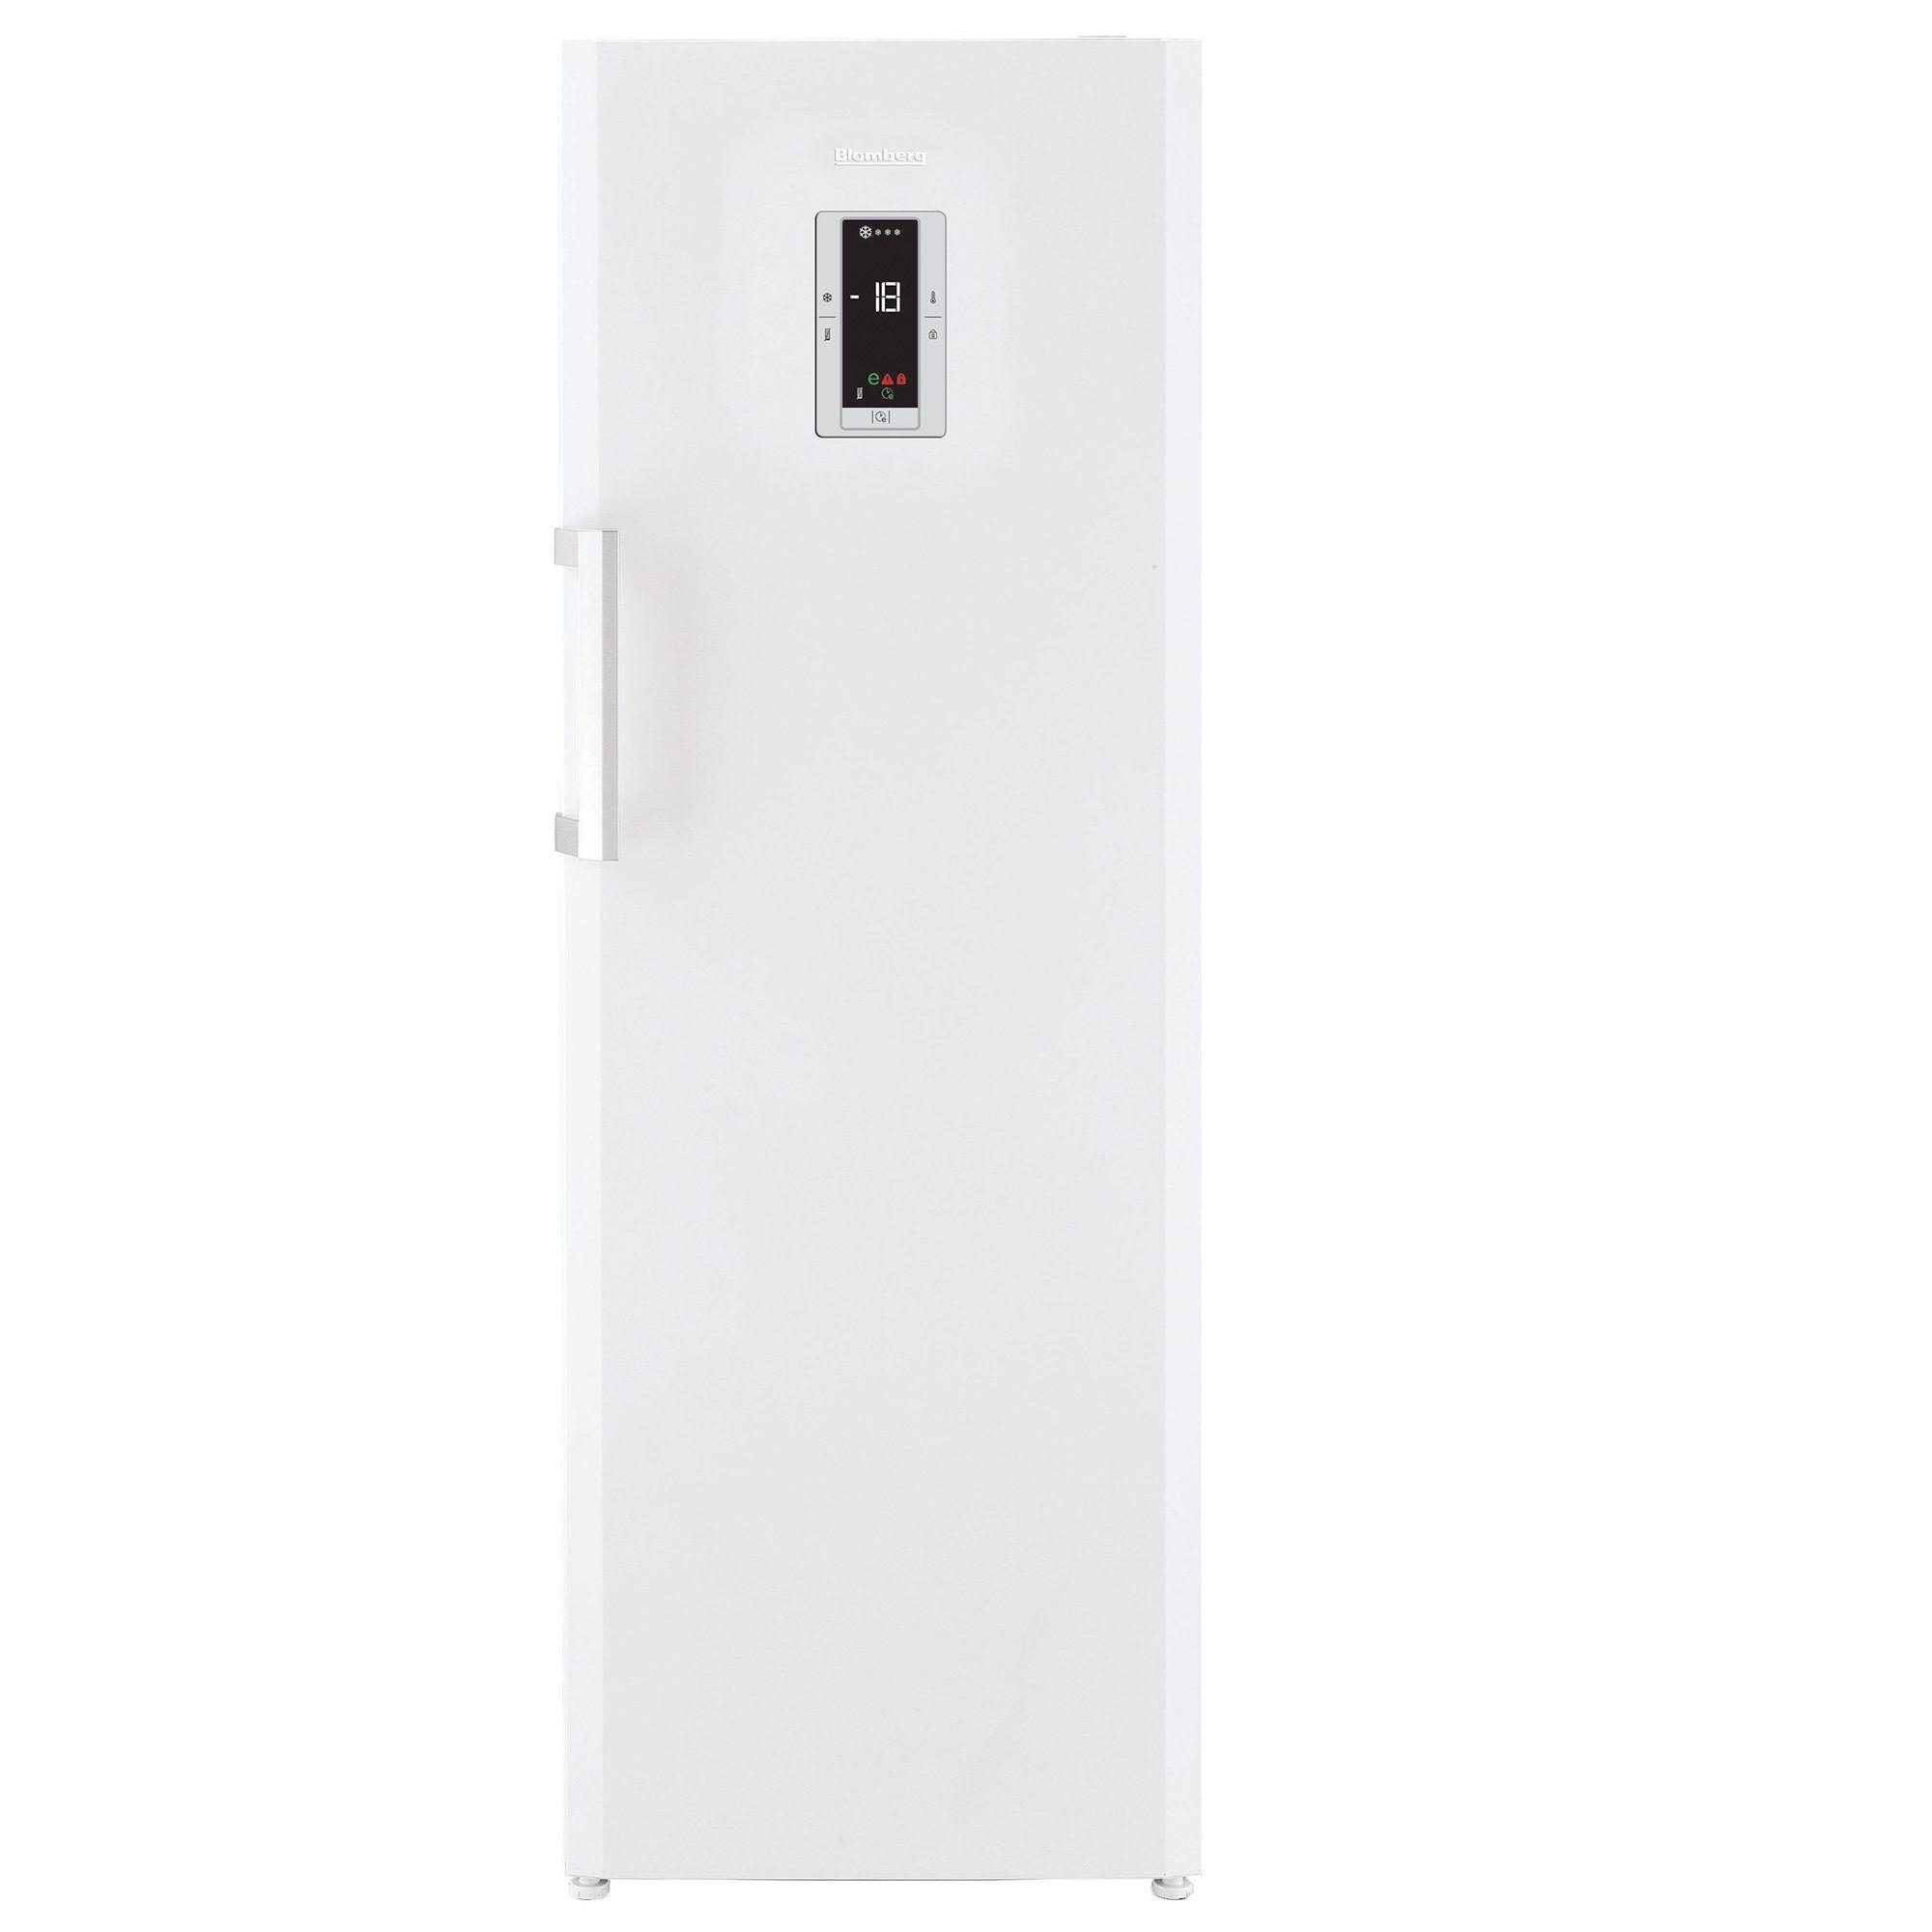 Blomberg Gefrierschrank FNT 9673 A++, 171.4 cm hoch, 59.5 cm breit, LED-Innenbeleuchtung, Twist & Serve-Eiswürfelzubereiter, Energieeffizienzklasse A++